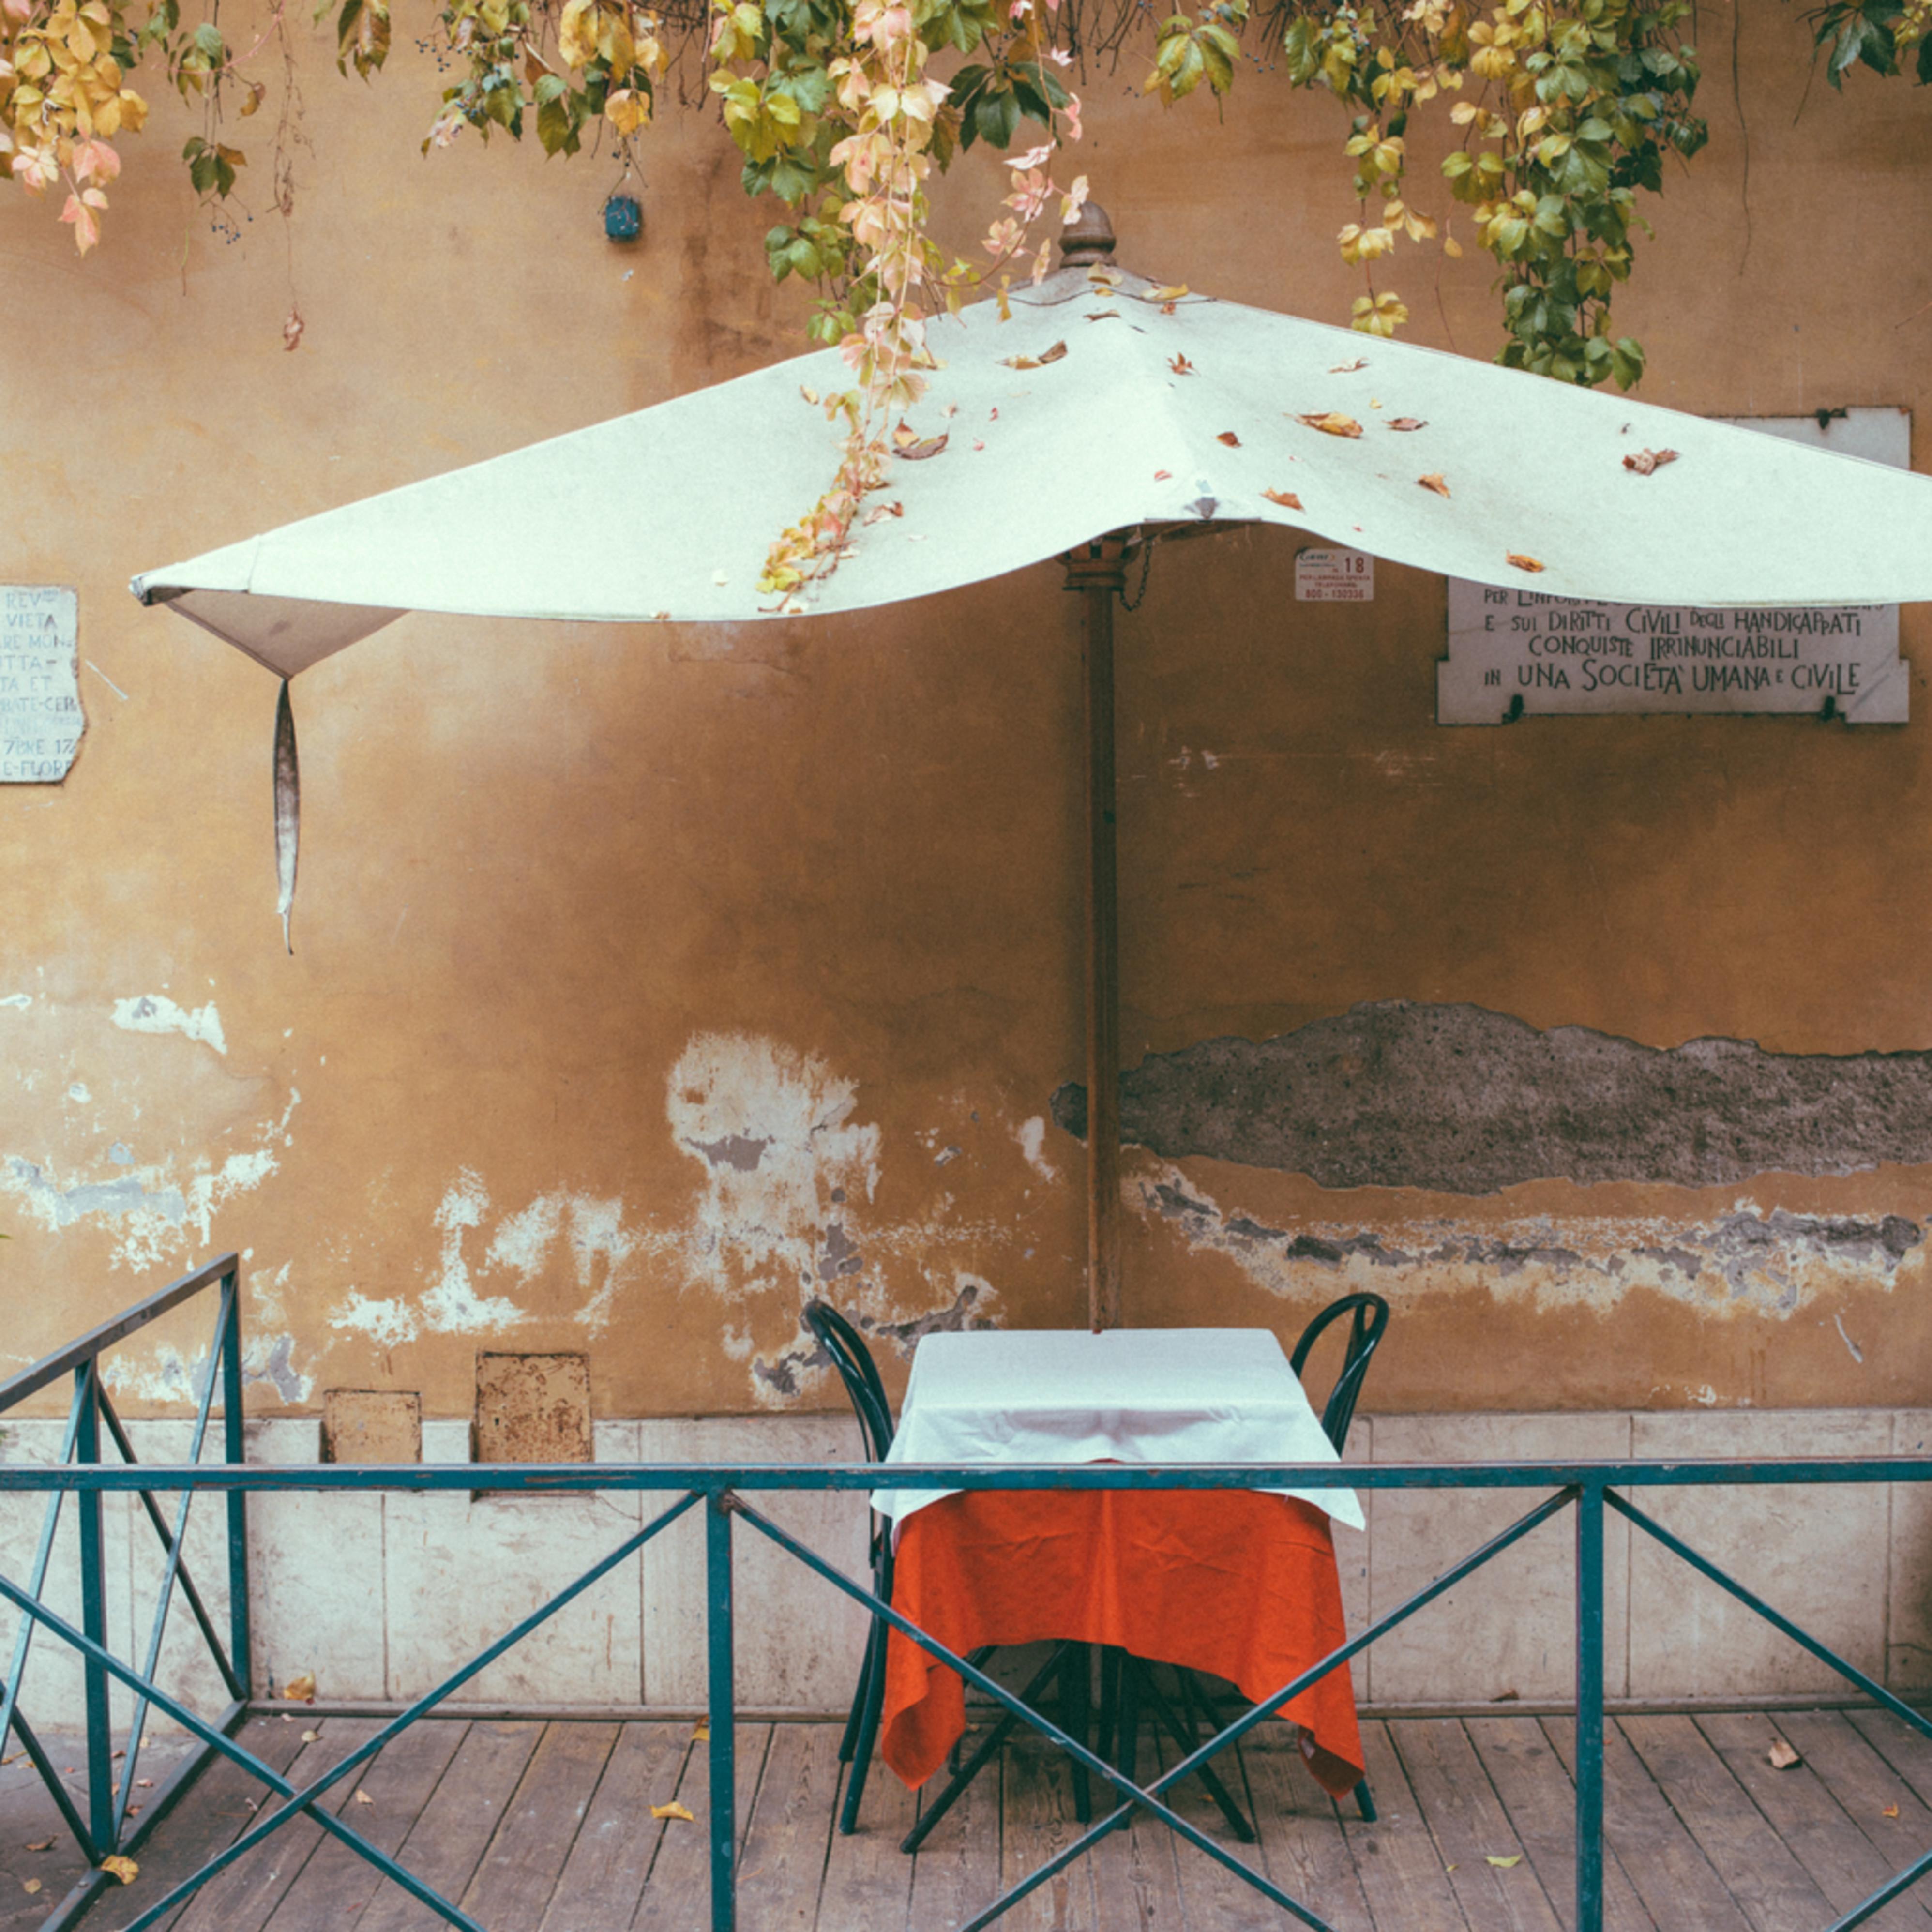 Roman table for two eitlzu